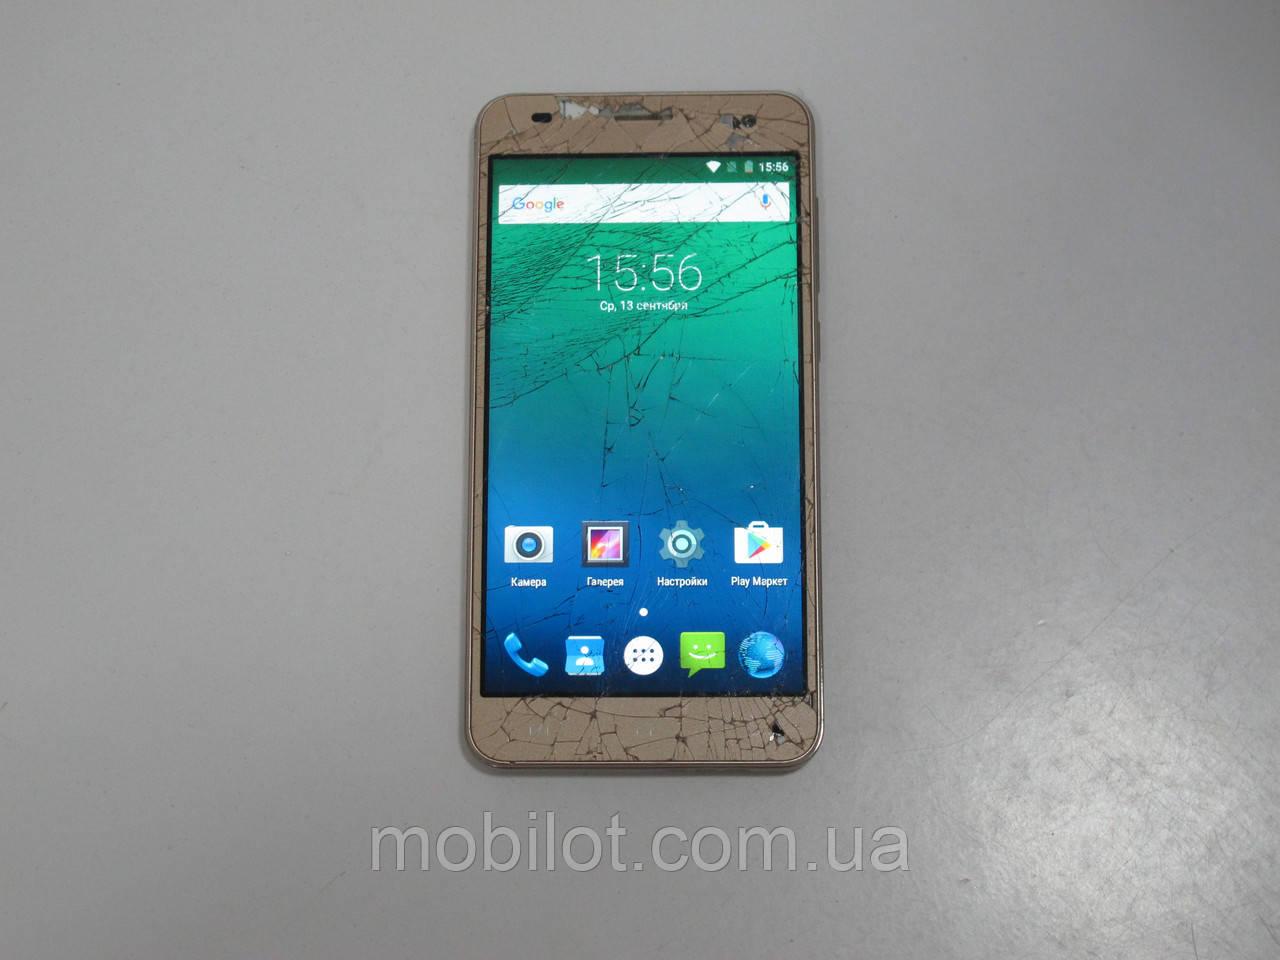 Мобильный телефон Nomi i504 (TZ-4279) На запчасти